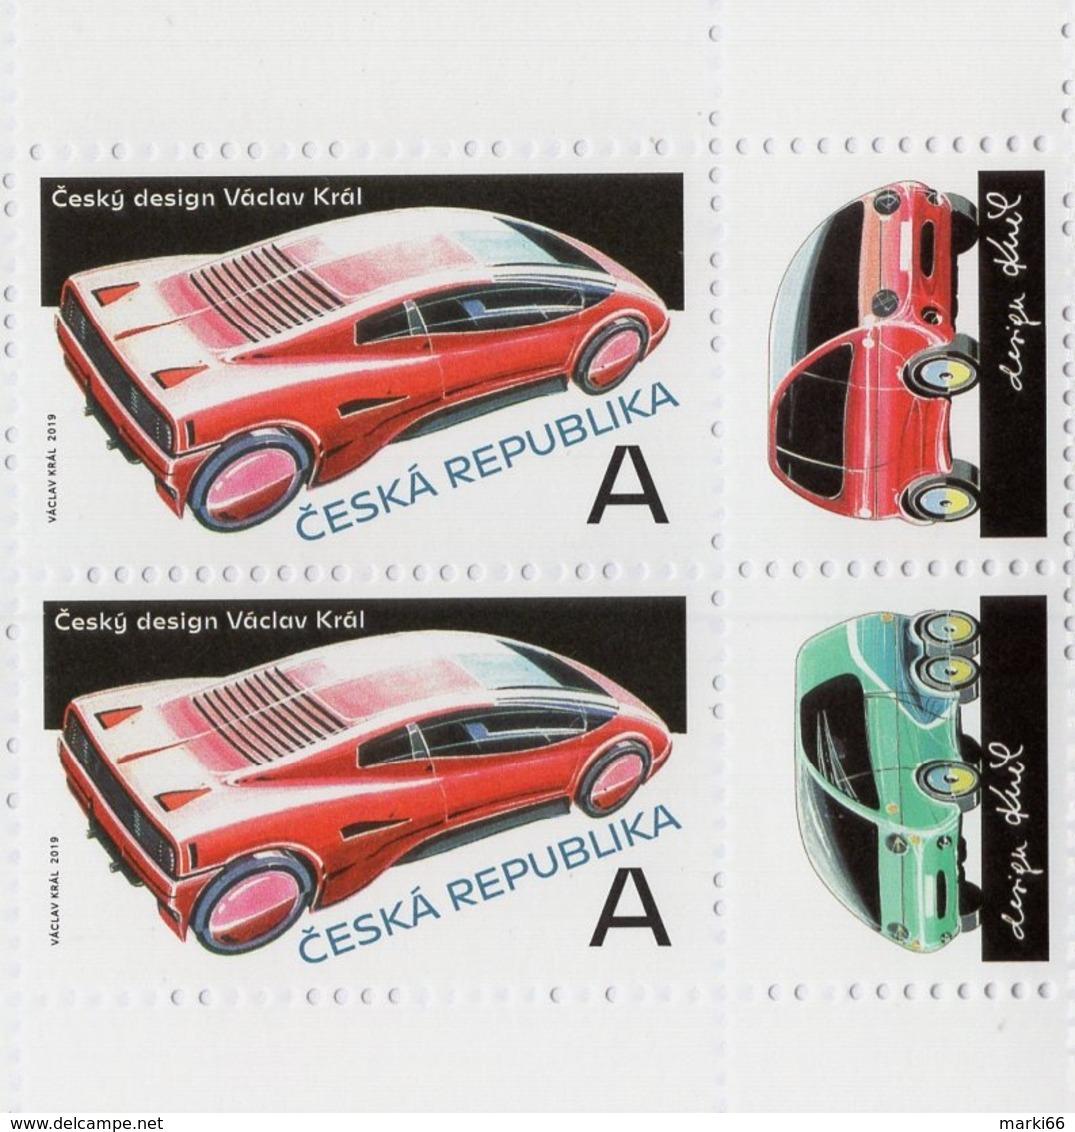 Czech Republic - 2019 - Czech Design - Václav Král - Mint Booklet Stamp Pair With Coupons (various Positions) - Tschechische Republik